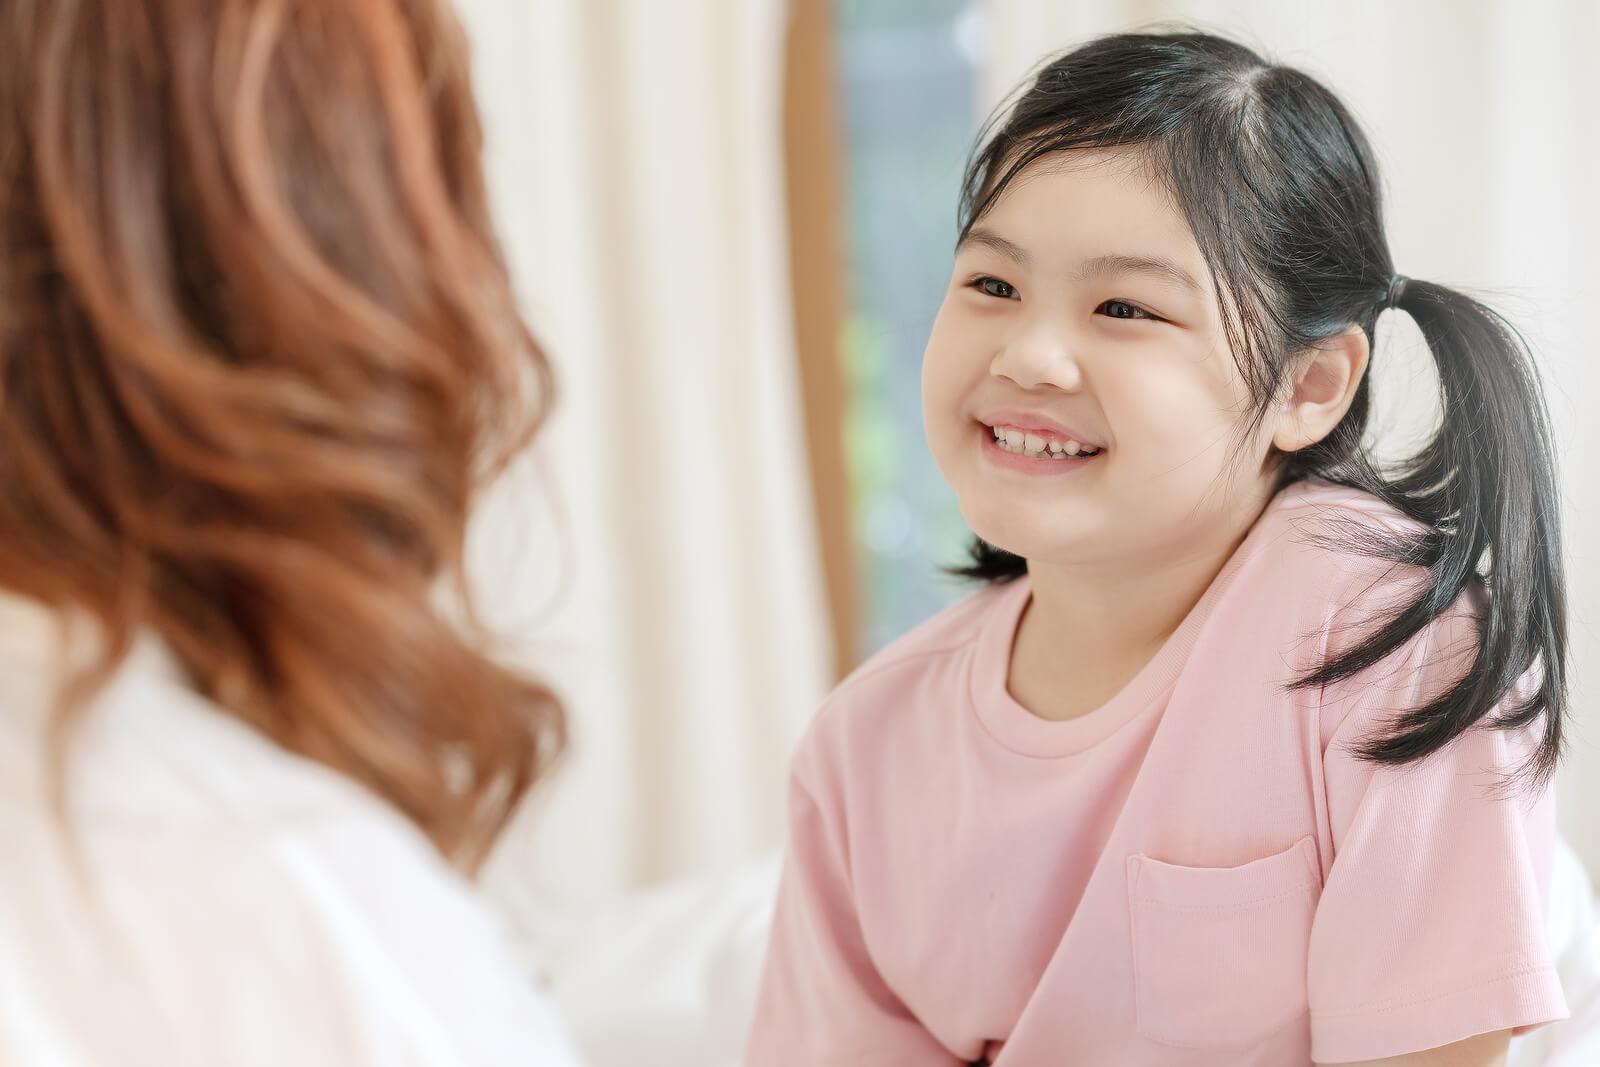 Madre hablando con su hija para poner en práctica los premios y recompensas para niños.